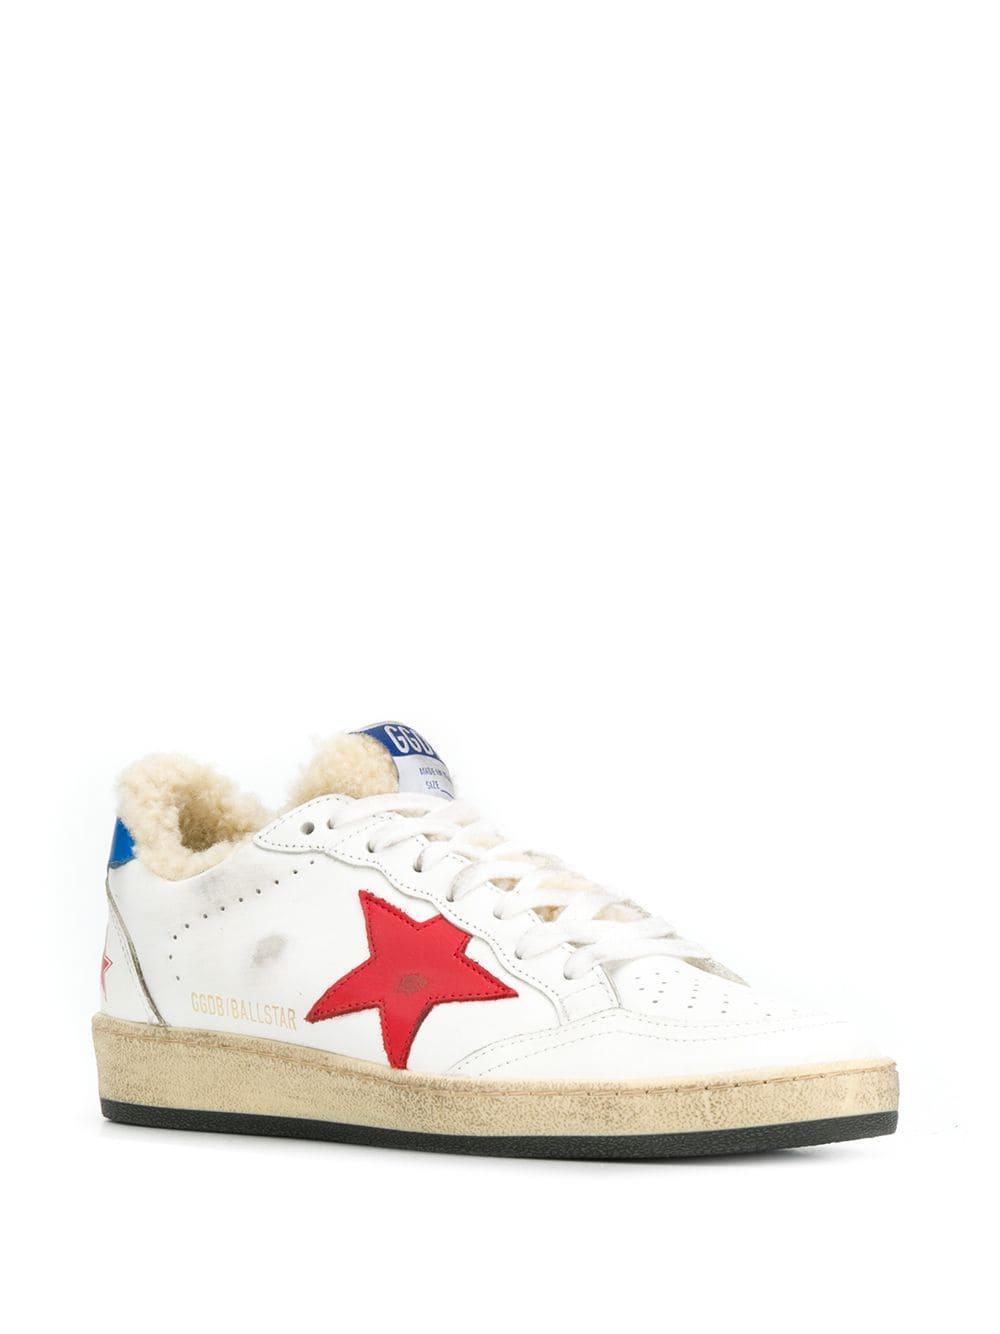 Zapatillas bajas Golden Goose Deluxe Brand de Pluma de oca de color Blanco